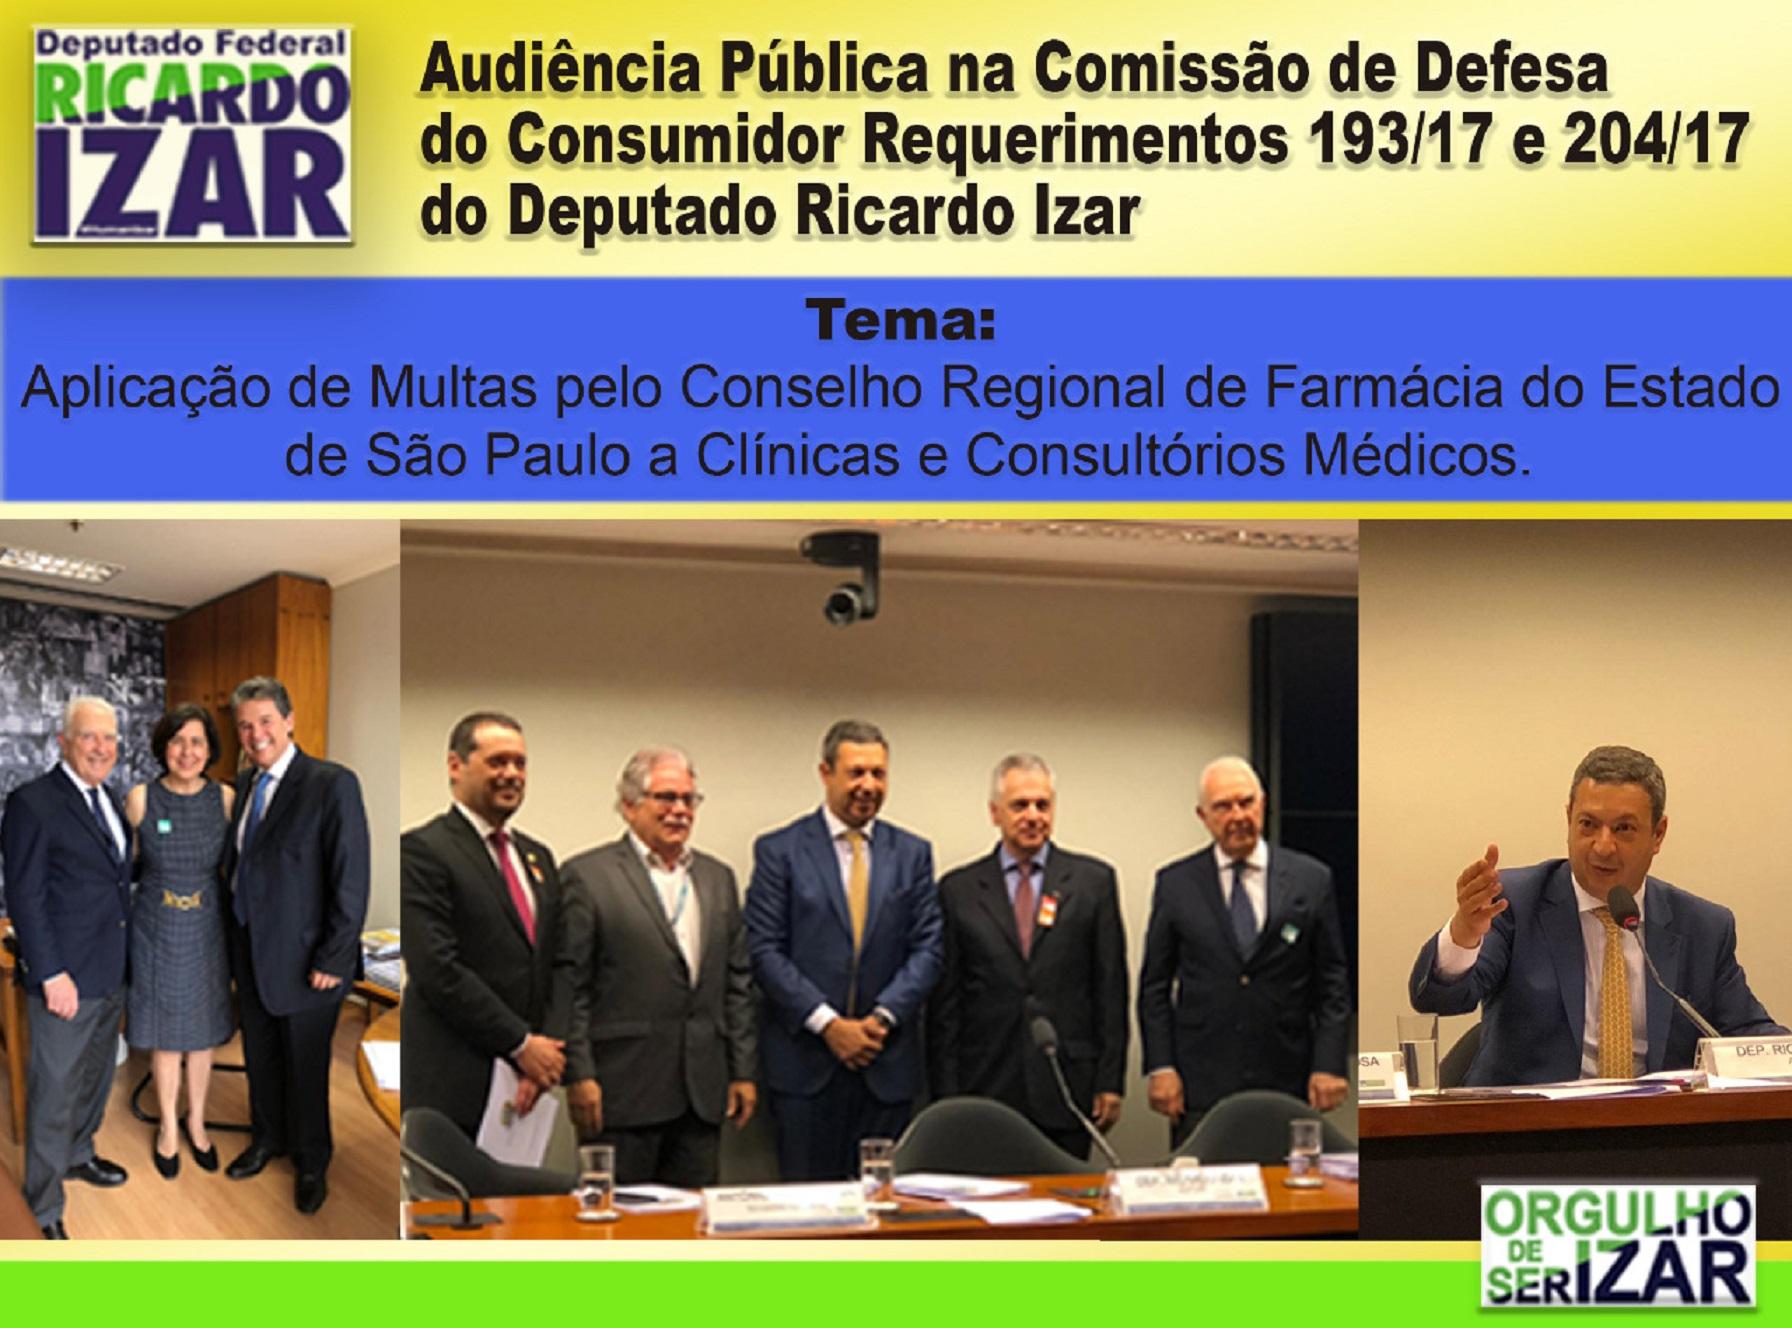 Audiência Pública para aplicação de multas pelo Conselho Regional de farmácia do Estado de São Paulo